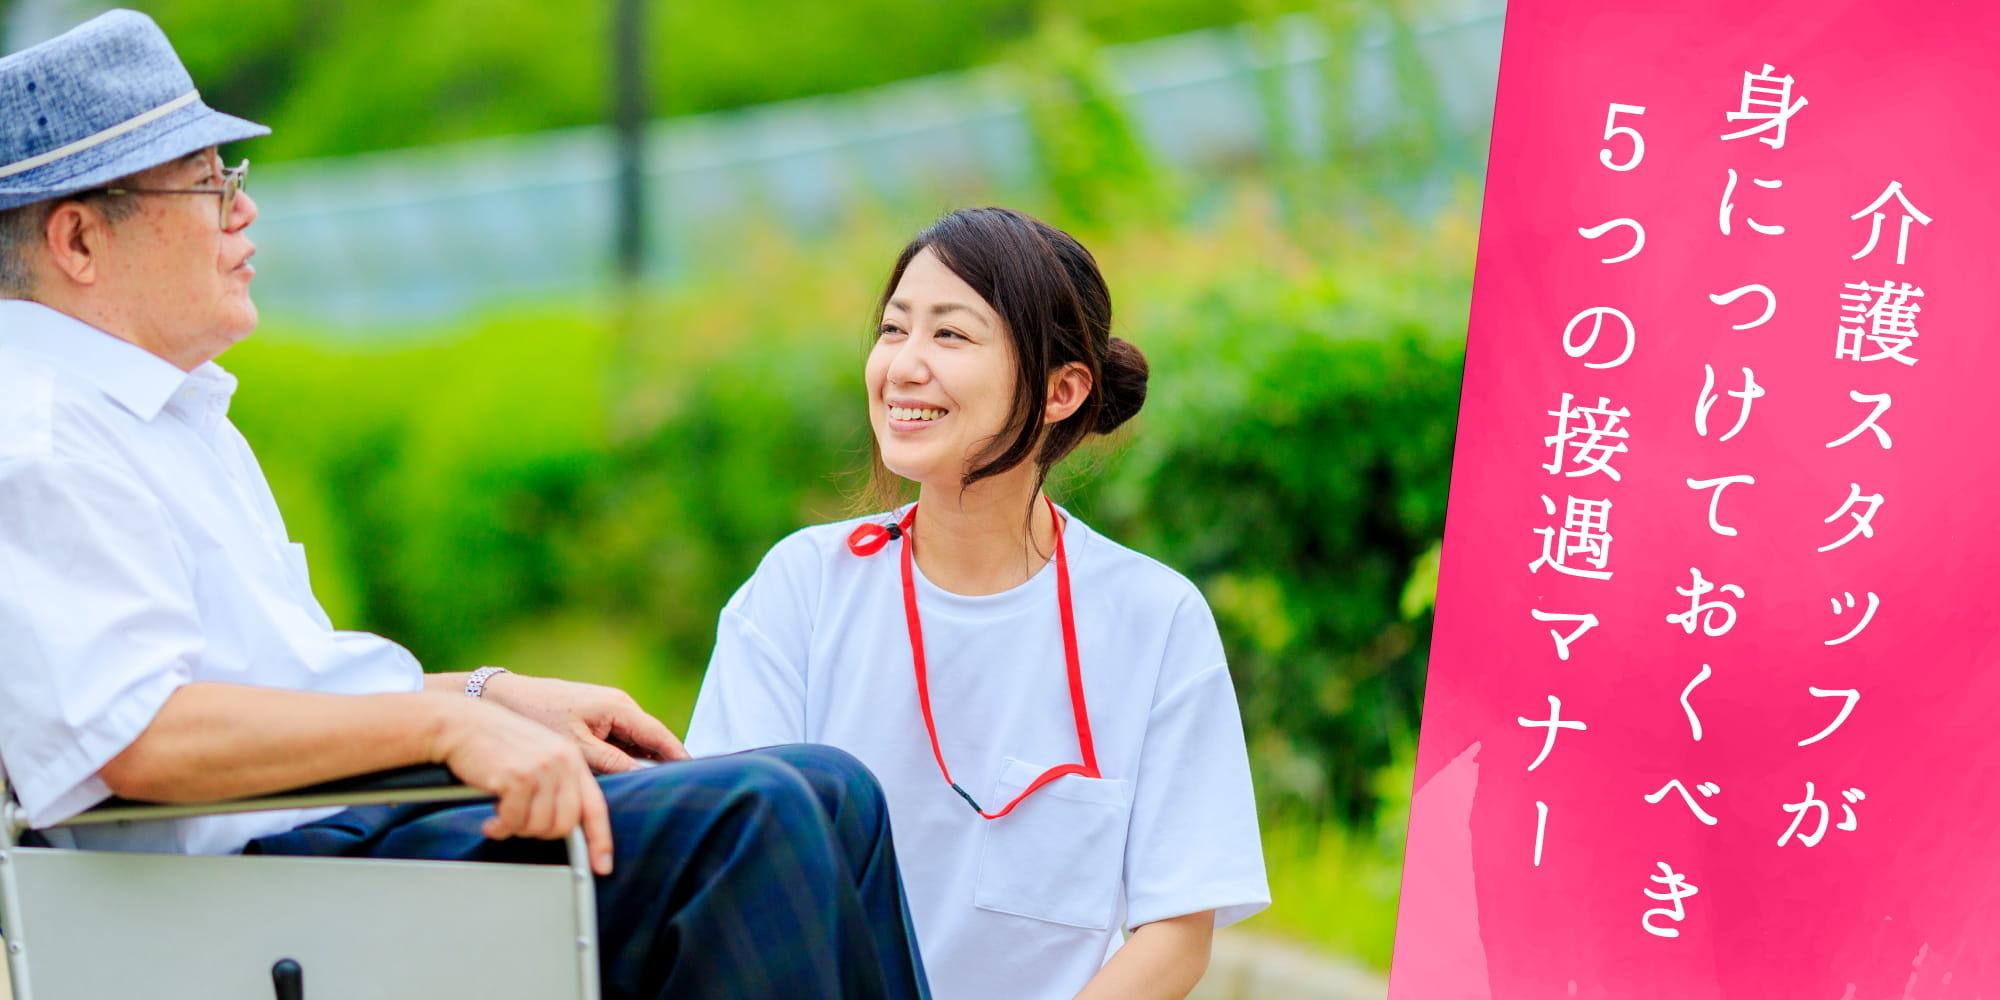 介護スタッフが身につけておくべき5つの接遇マナー